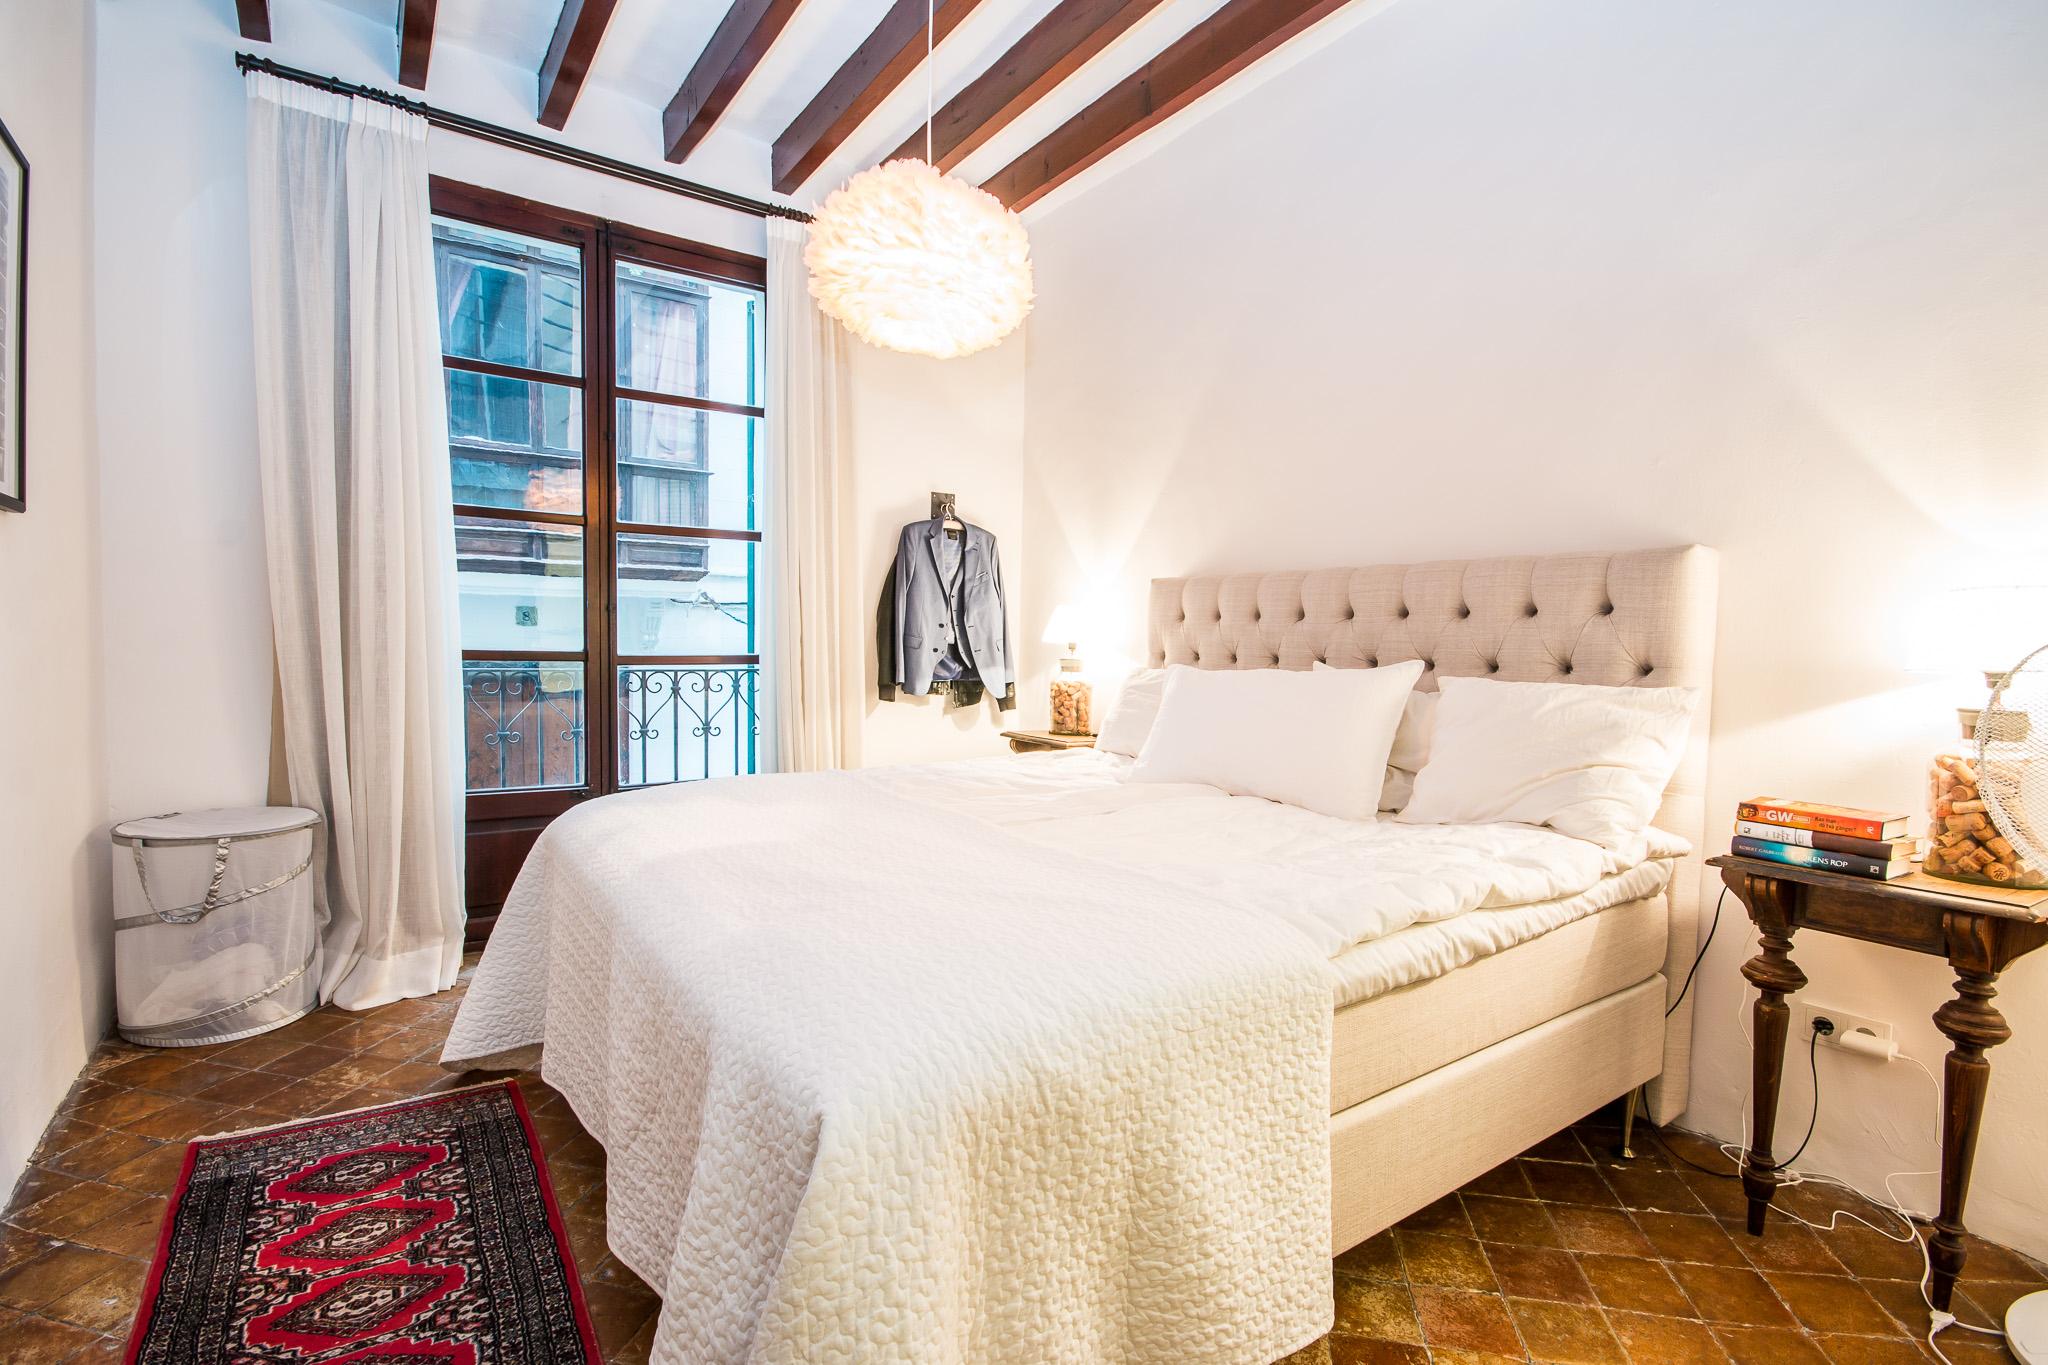 bedroom-eklunds-1